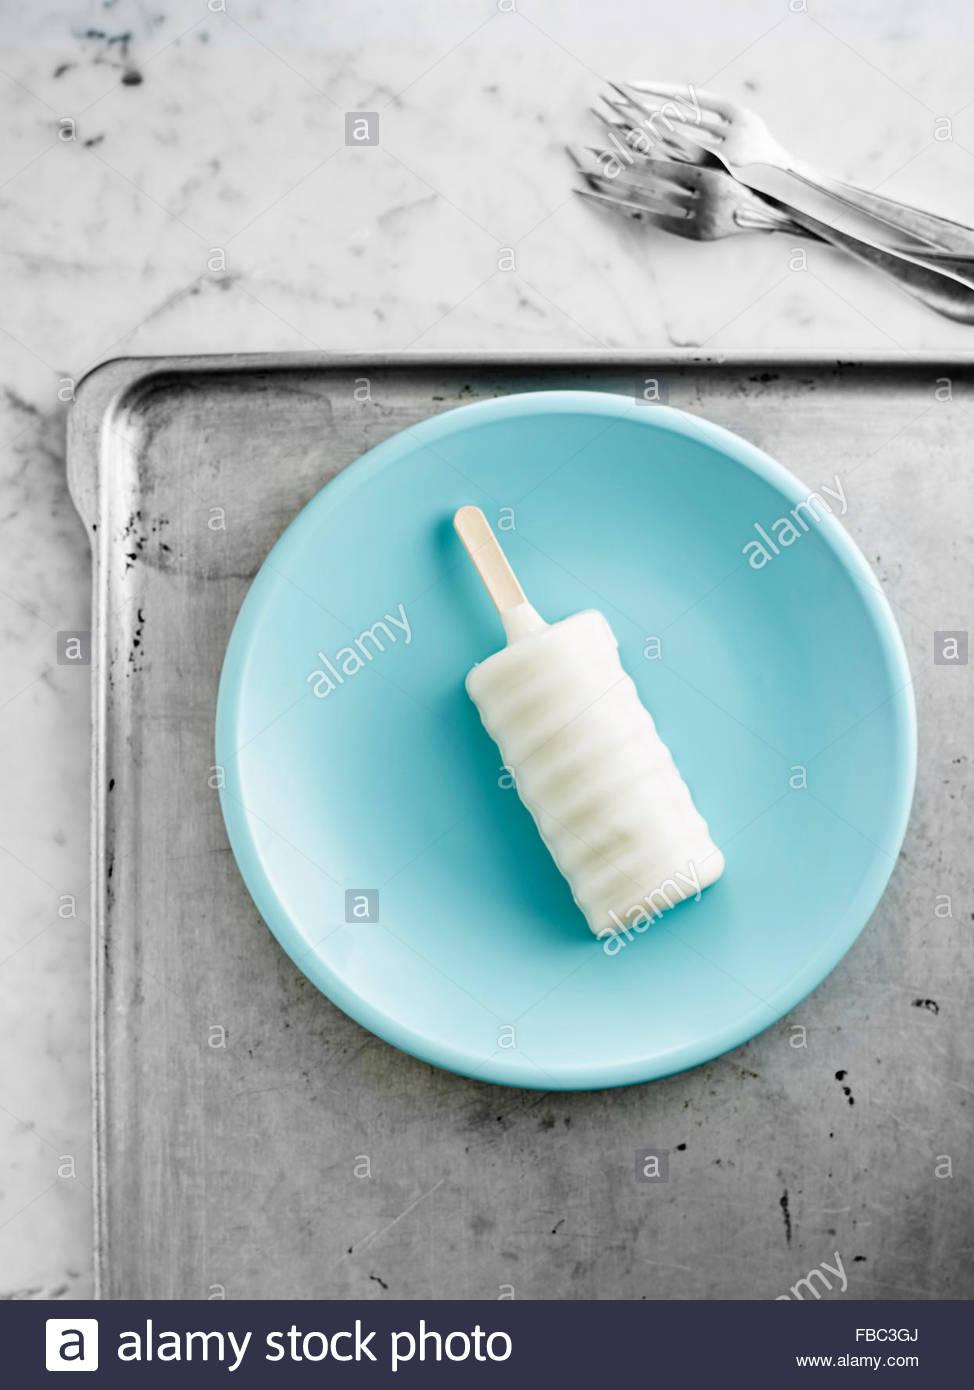 Creamsicle blanc sur plaque bleue Photo Stock